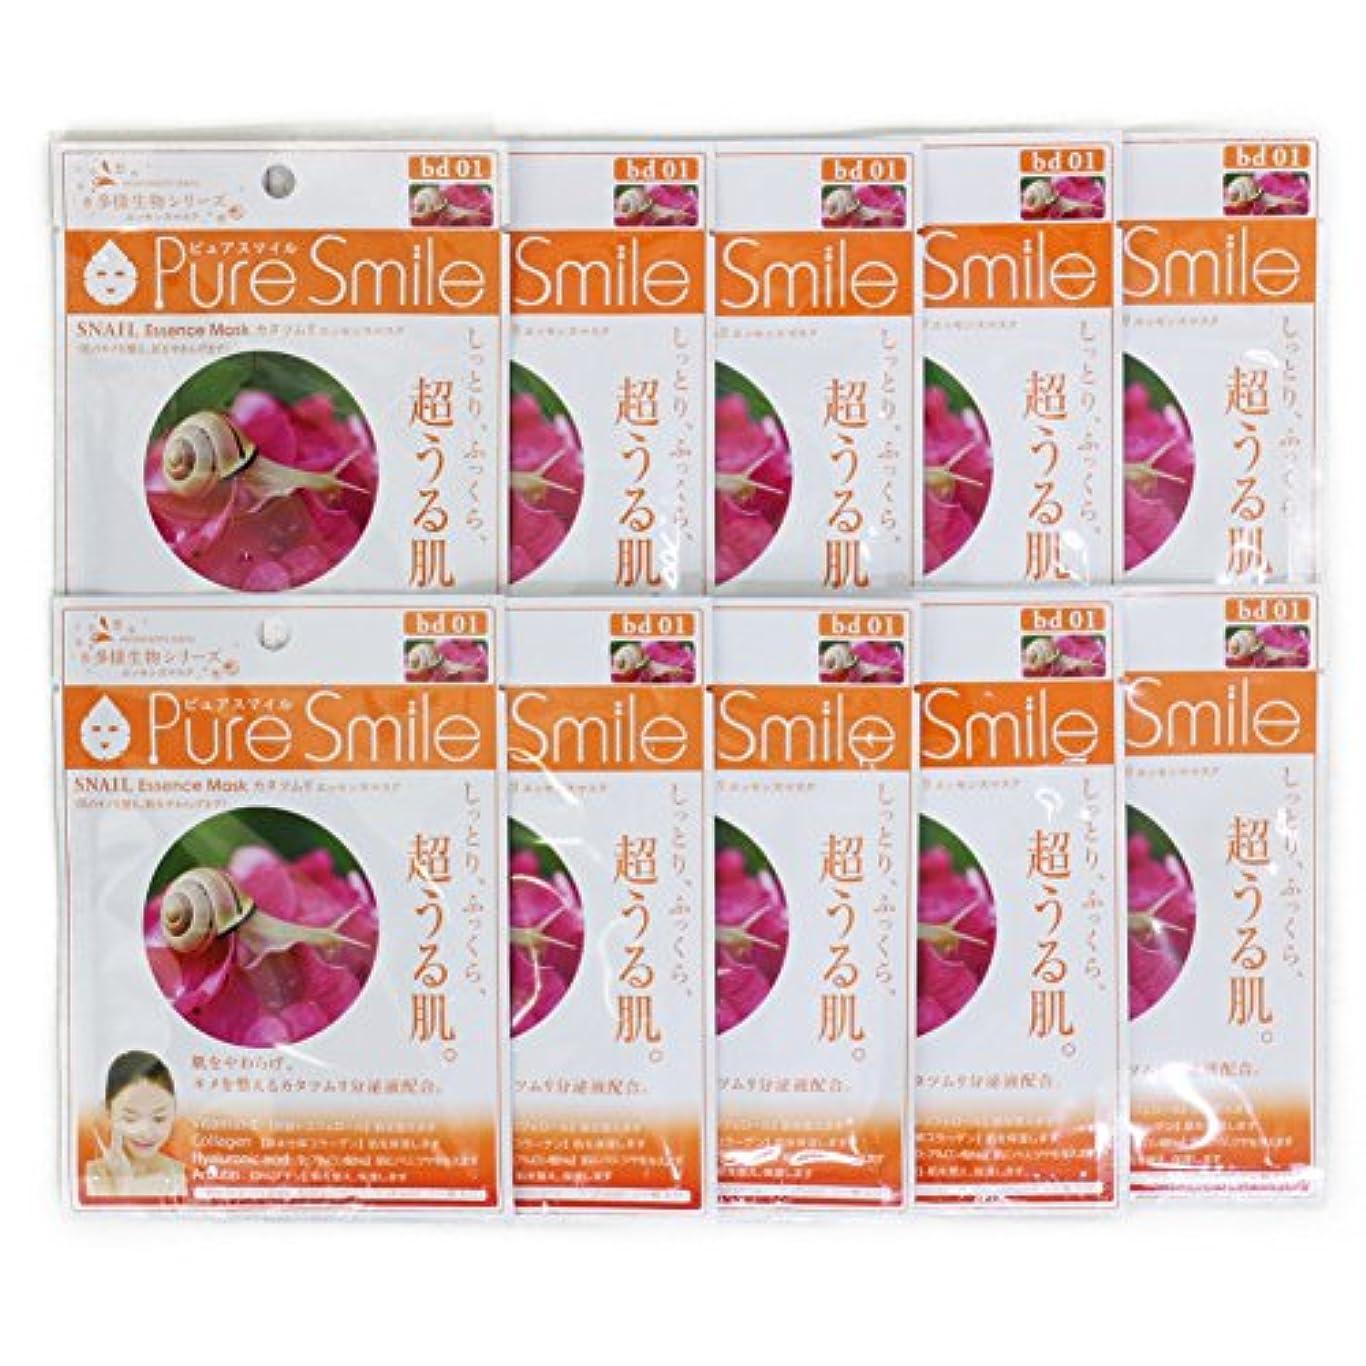 瀬戸際禁止する放映Pure Smile ピュアスマイル 多様生物エッセンスマスク カタツムリ 10枚セット